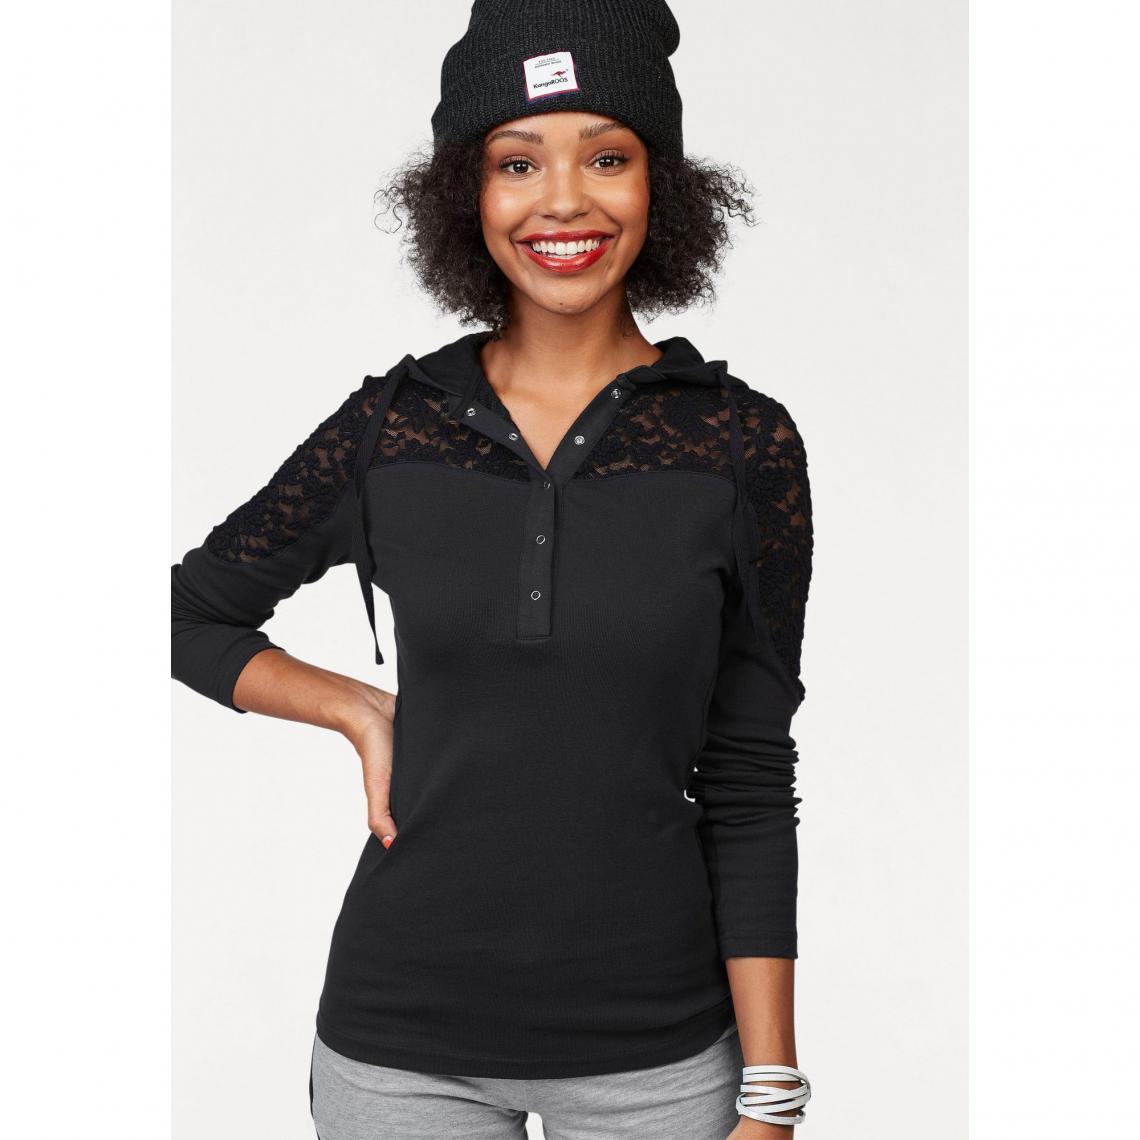 a8270af06f885 T-shirt inserts dentelle manches longues à capuche femme KangaROOS® - Noir